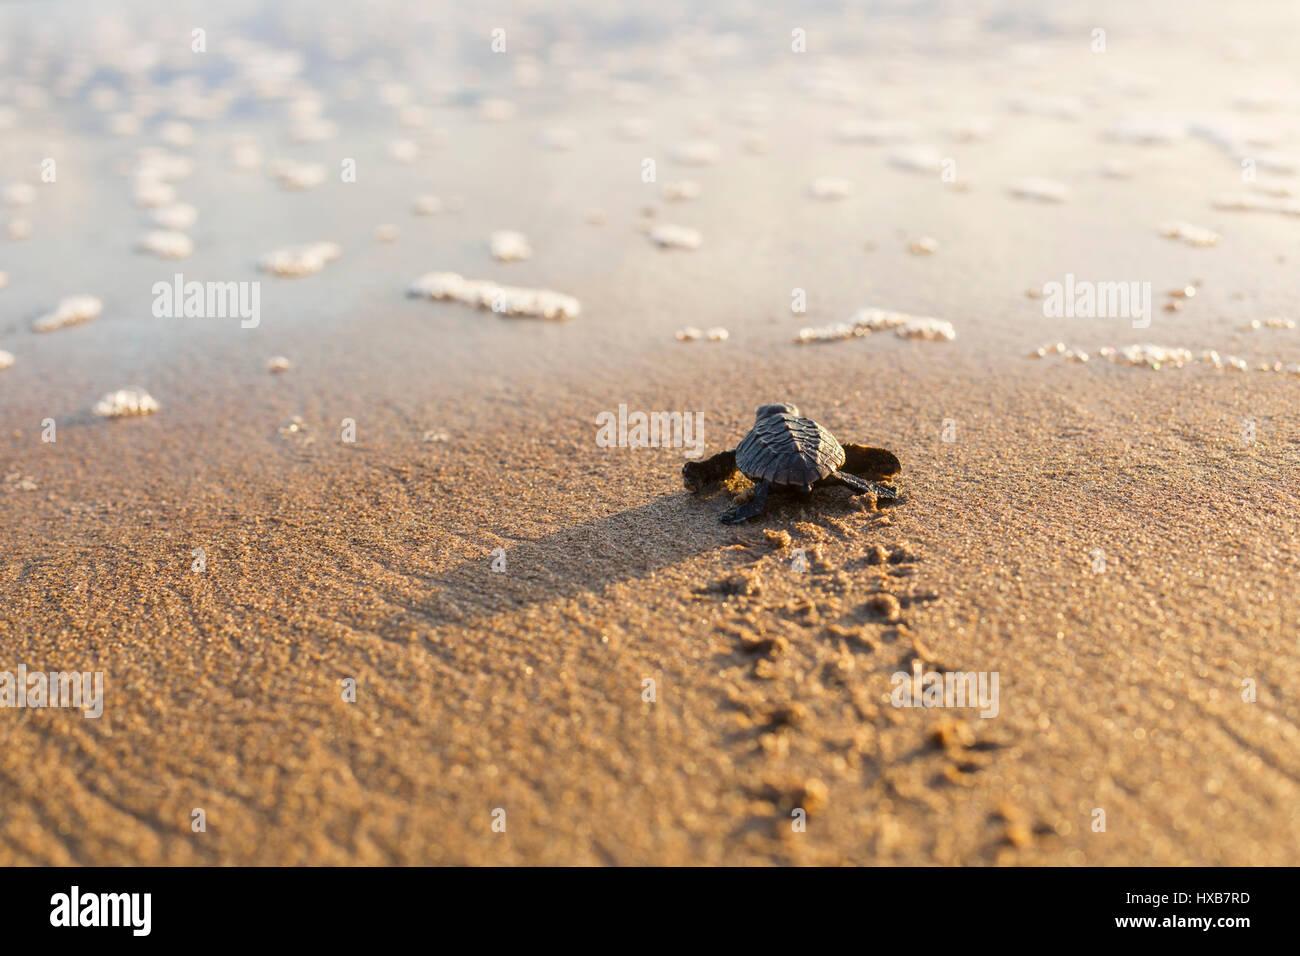 Bébé tortue caouanne (Caretta caretta) faire son voyage vers la mer. Mon Repos Conservation Park, Bundaberg, Photo Stock